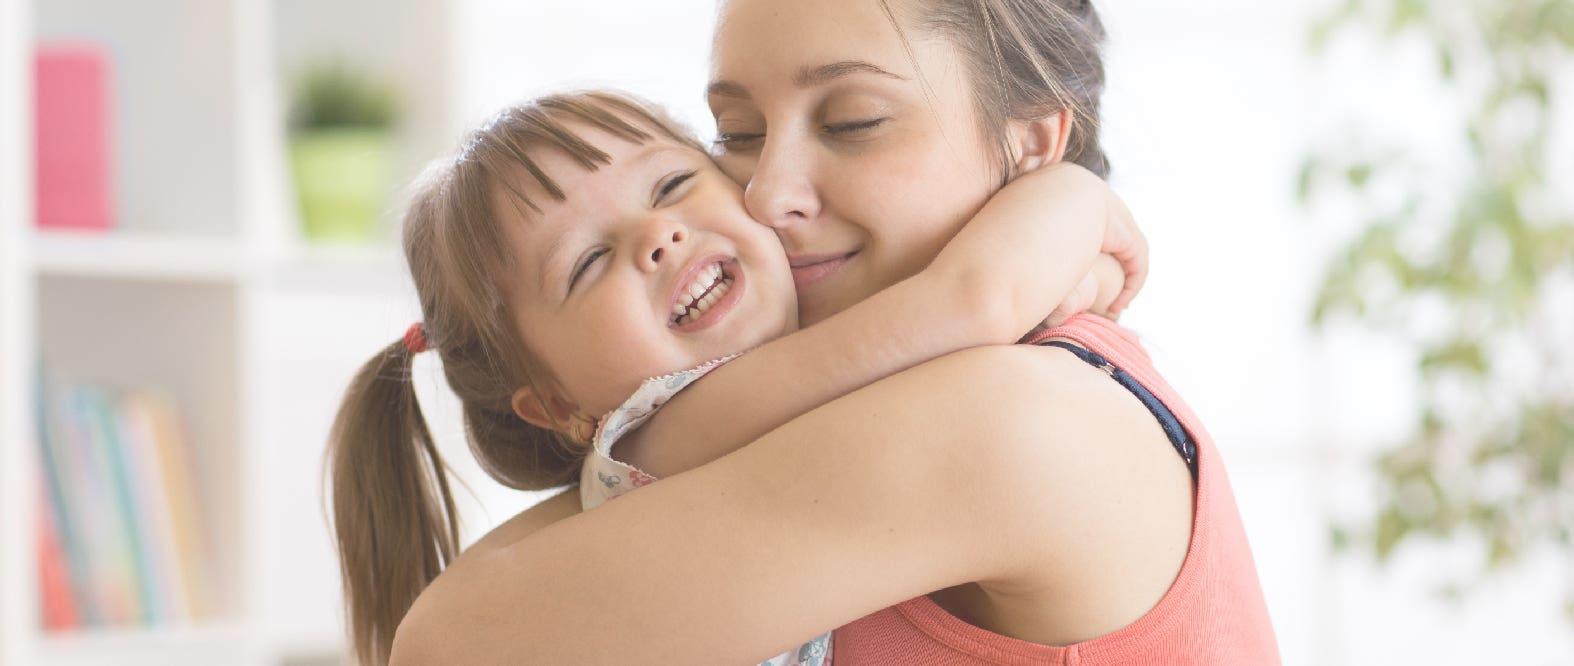 Cómo evitar transmitirle a los niños nuestras preocupaciones